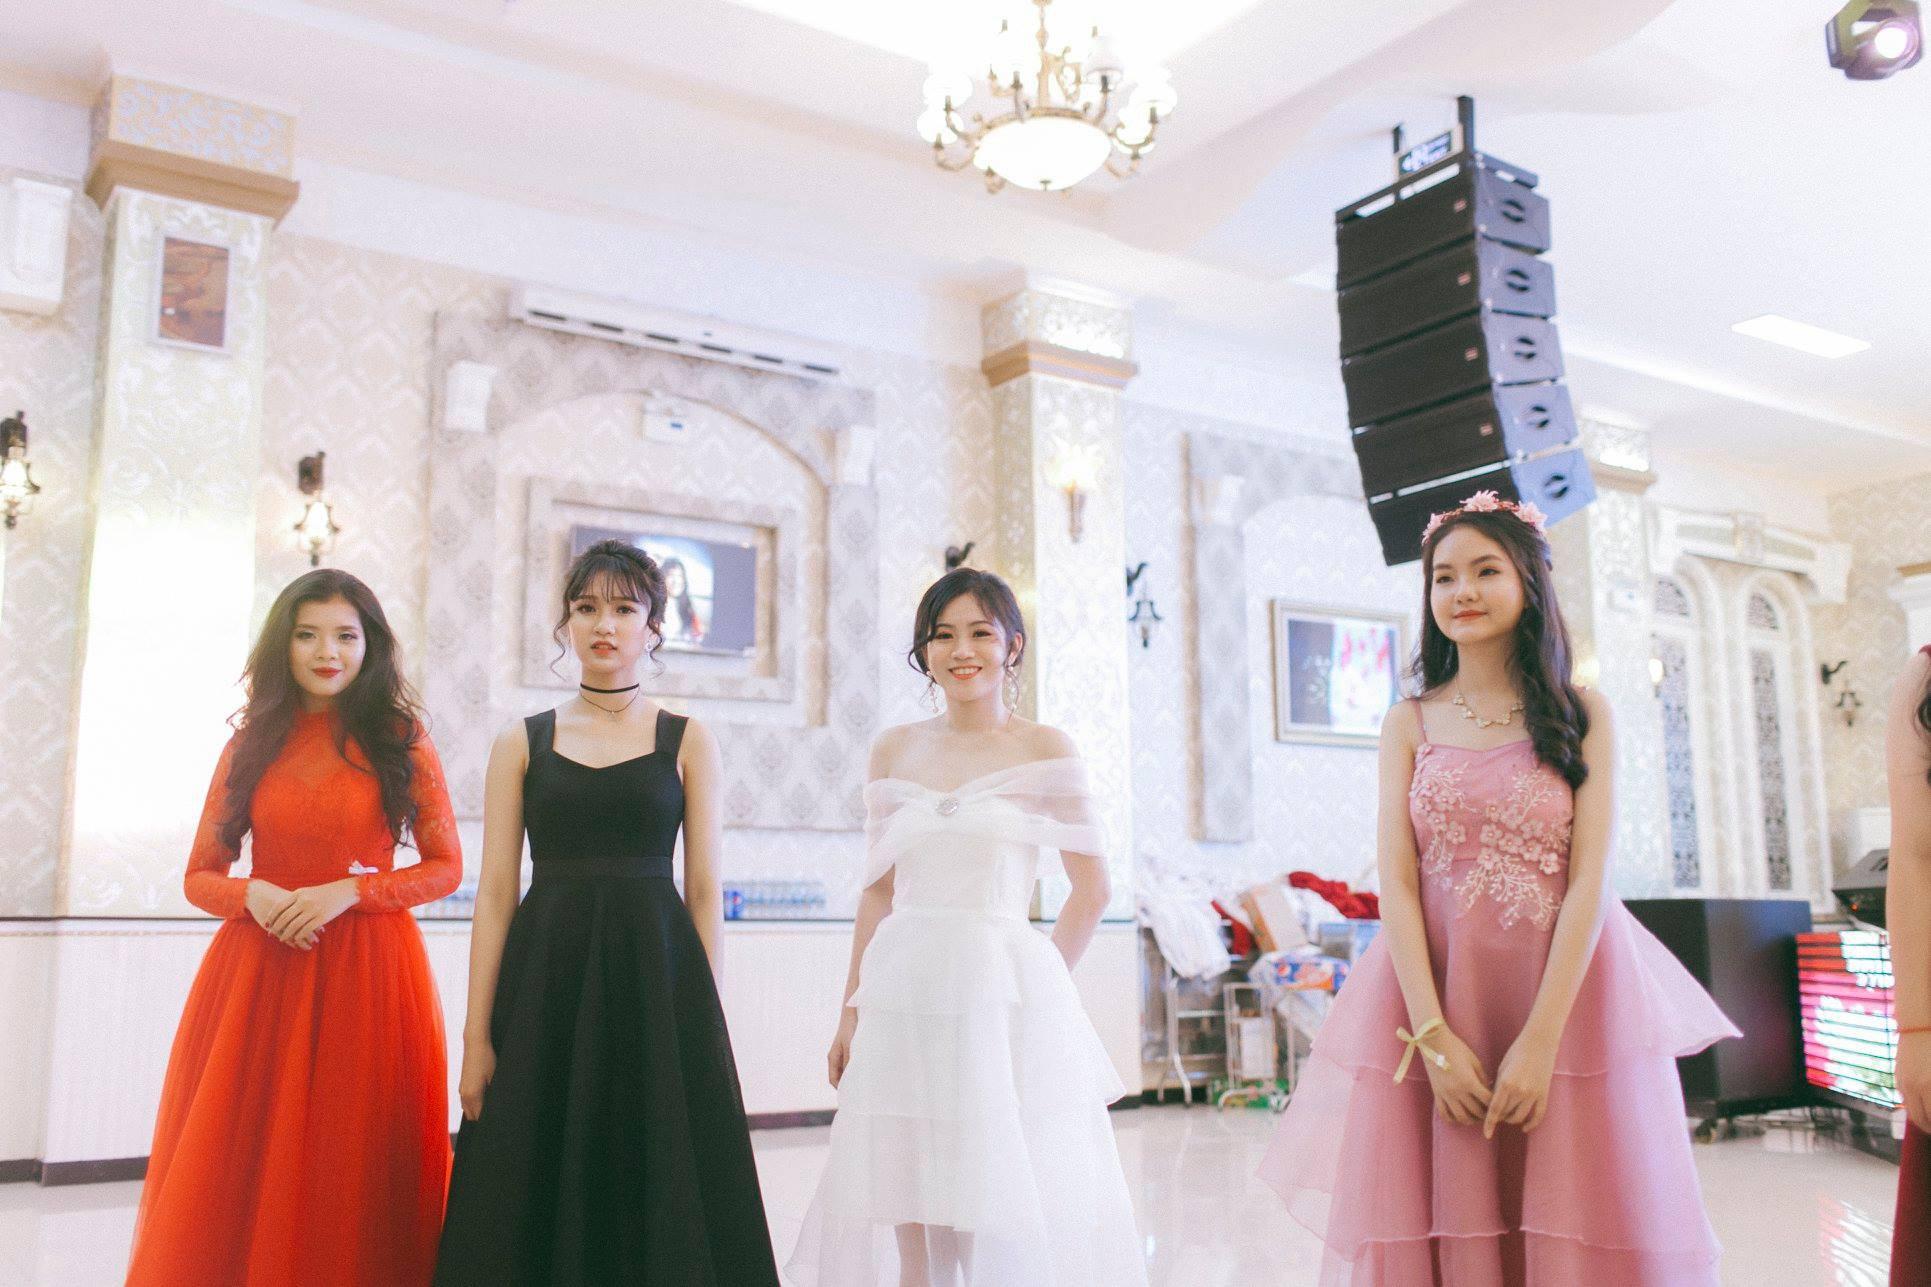 Không chỉ RMIT, trường chuyên phố núi Kon Tum cũng khiến chúng ta đã mắt với dàn trai xinh gái đẹp trong tiệc prom - Ảnh 26.